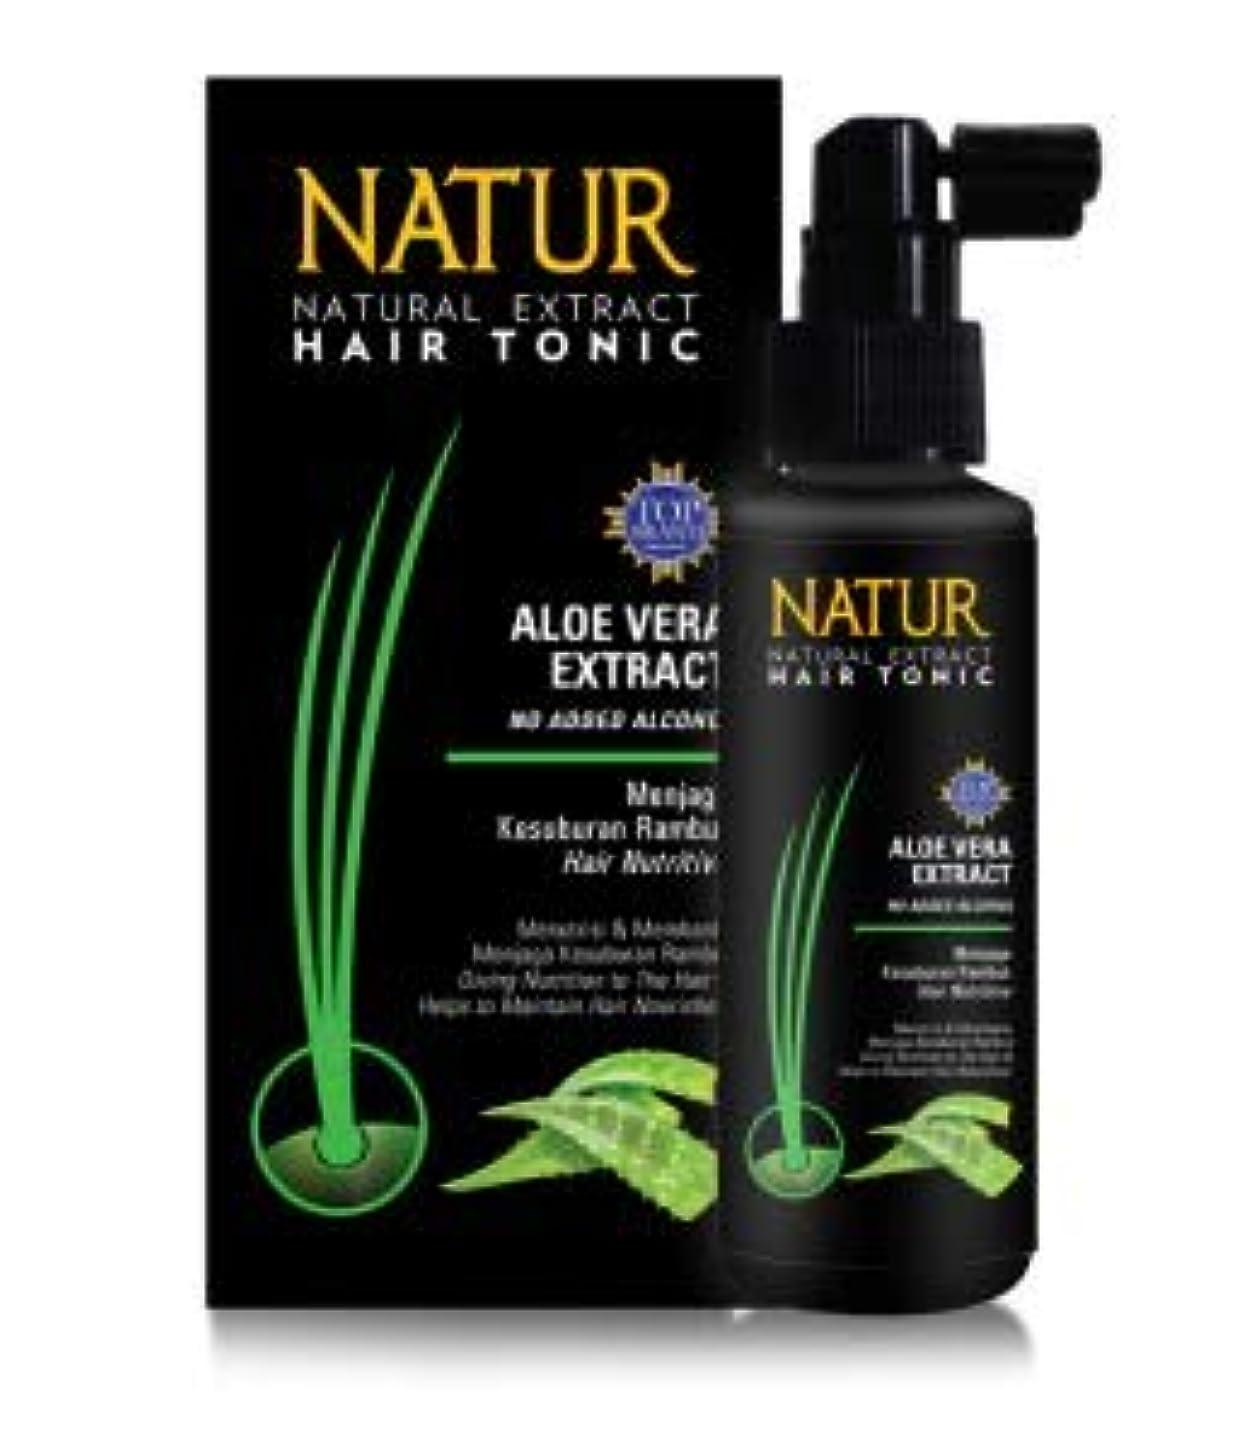 知らせる肥満指紋NATUR ナトゥール 天然植物エキス配合 Hair Tonic ハーバルヘアトニック 90ml Aloe vera アロエベラ [海外直商品]